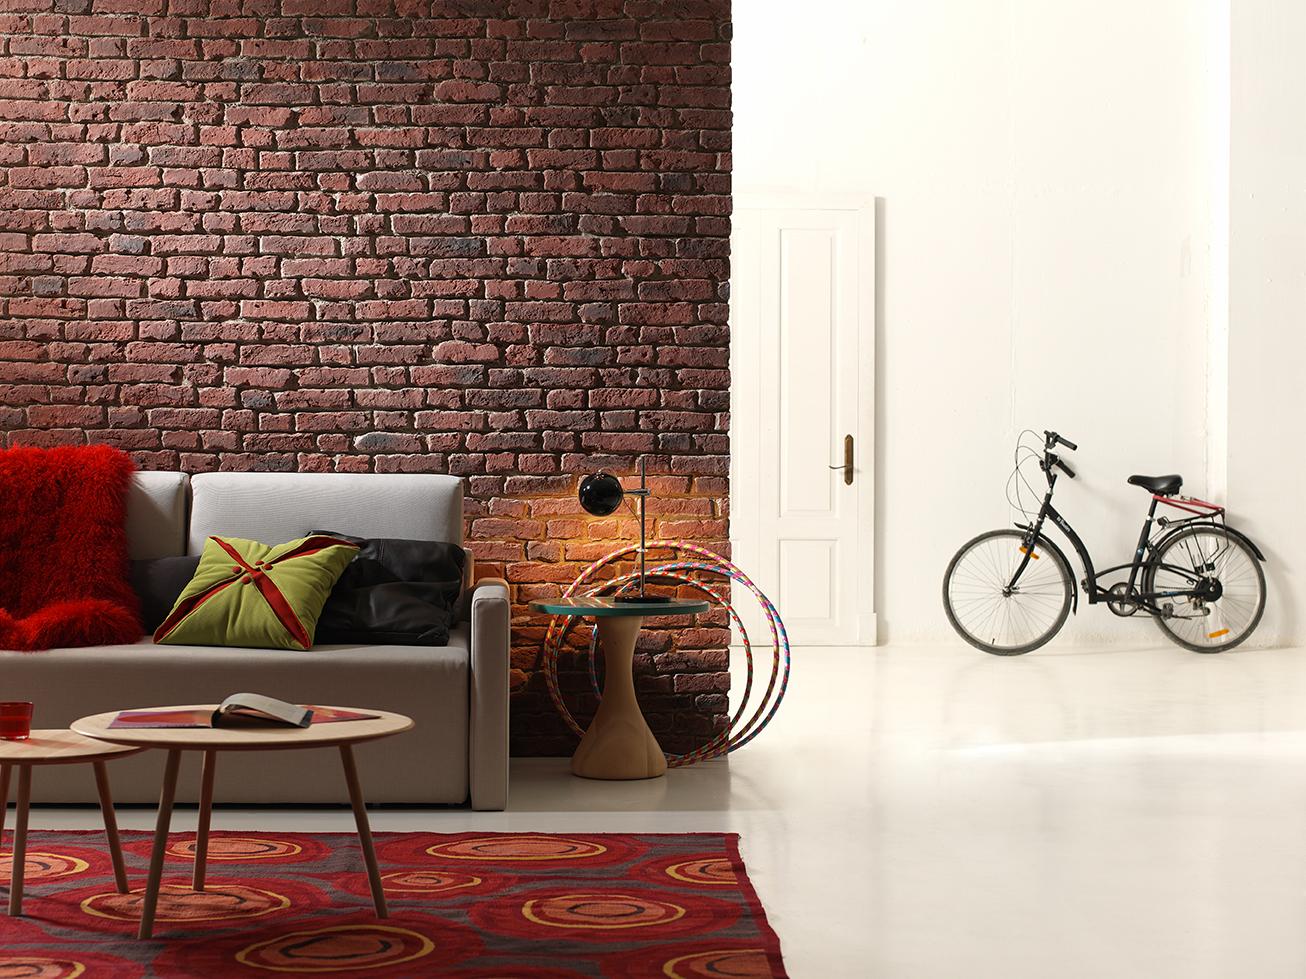 <span class='refProjTitle'>Wohnzimmerwand Einfamilienhaus / 2020</span>